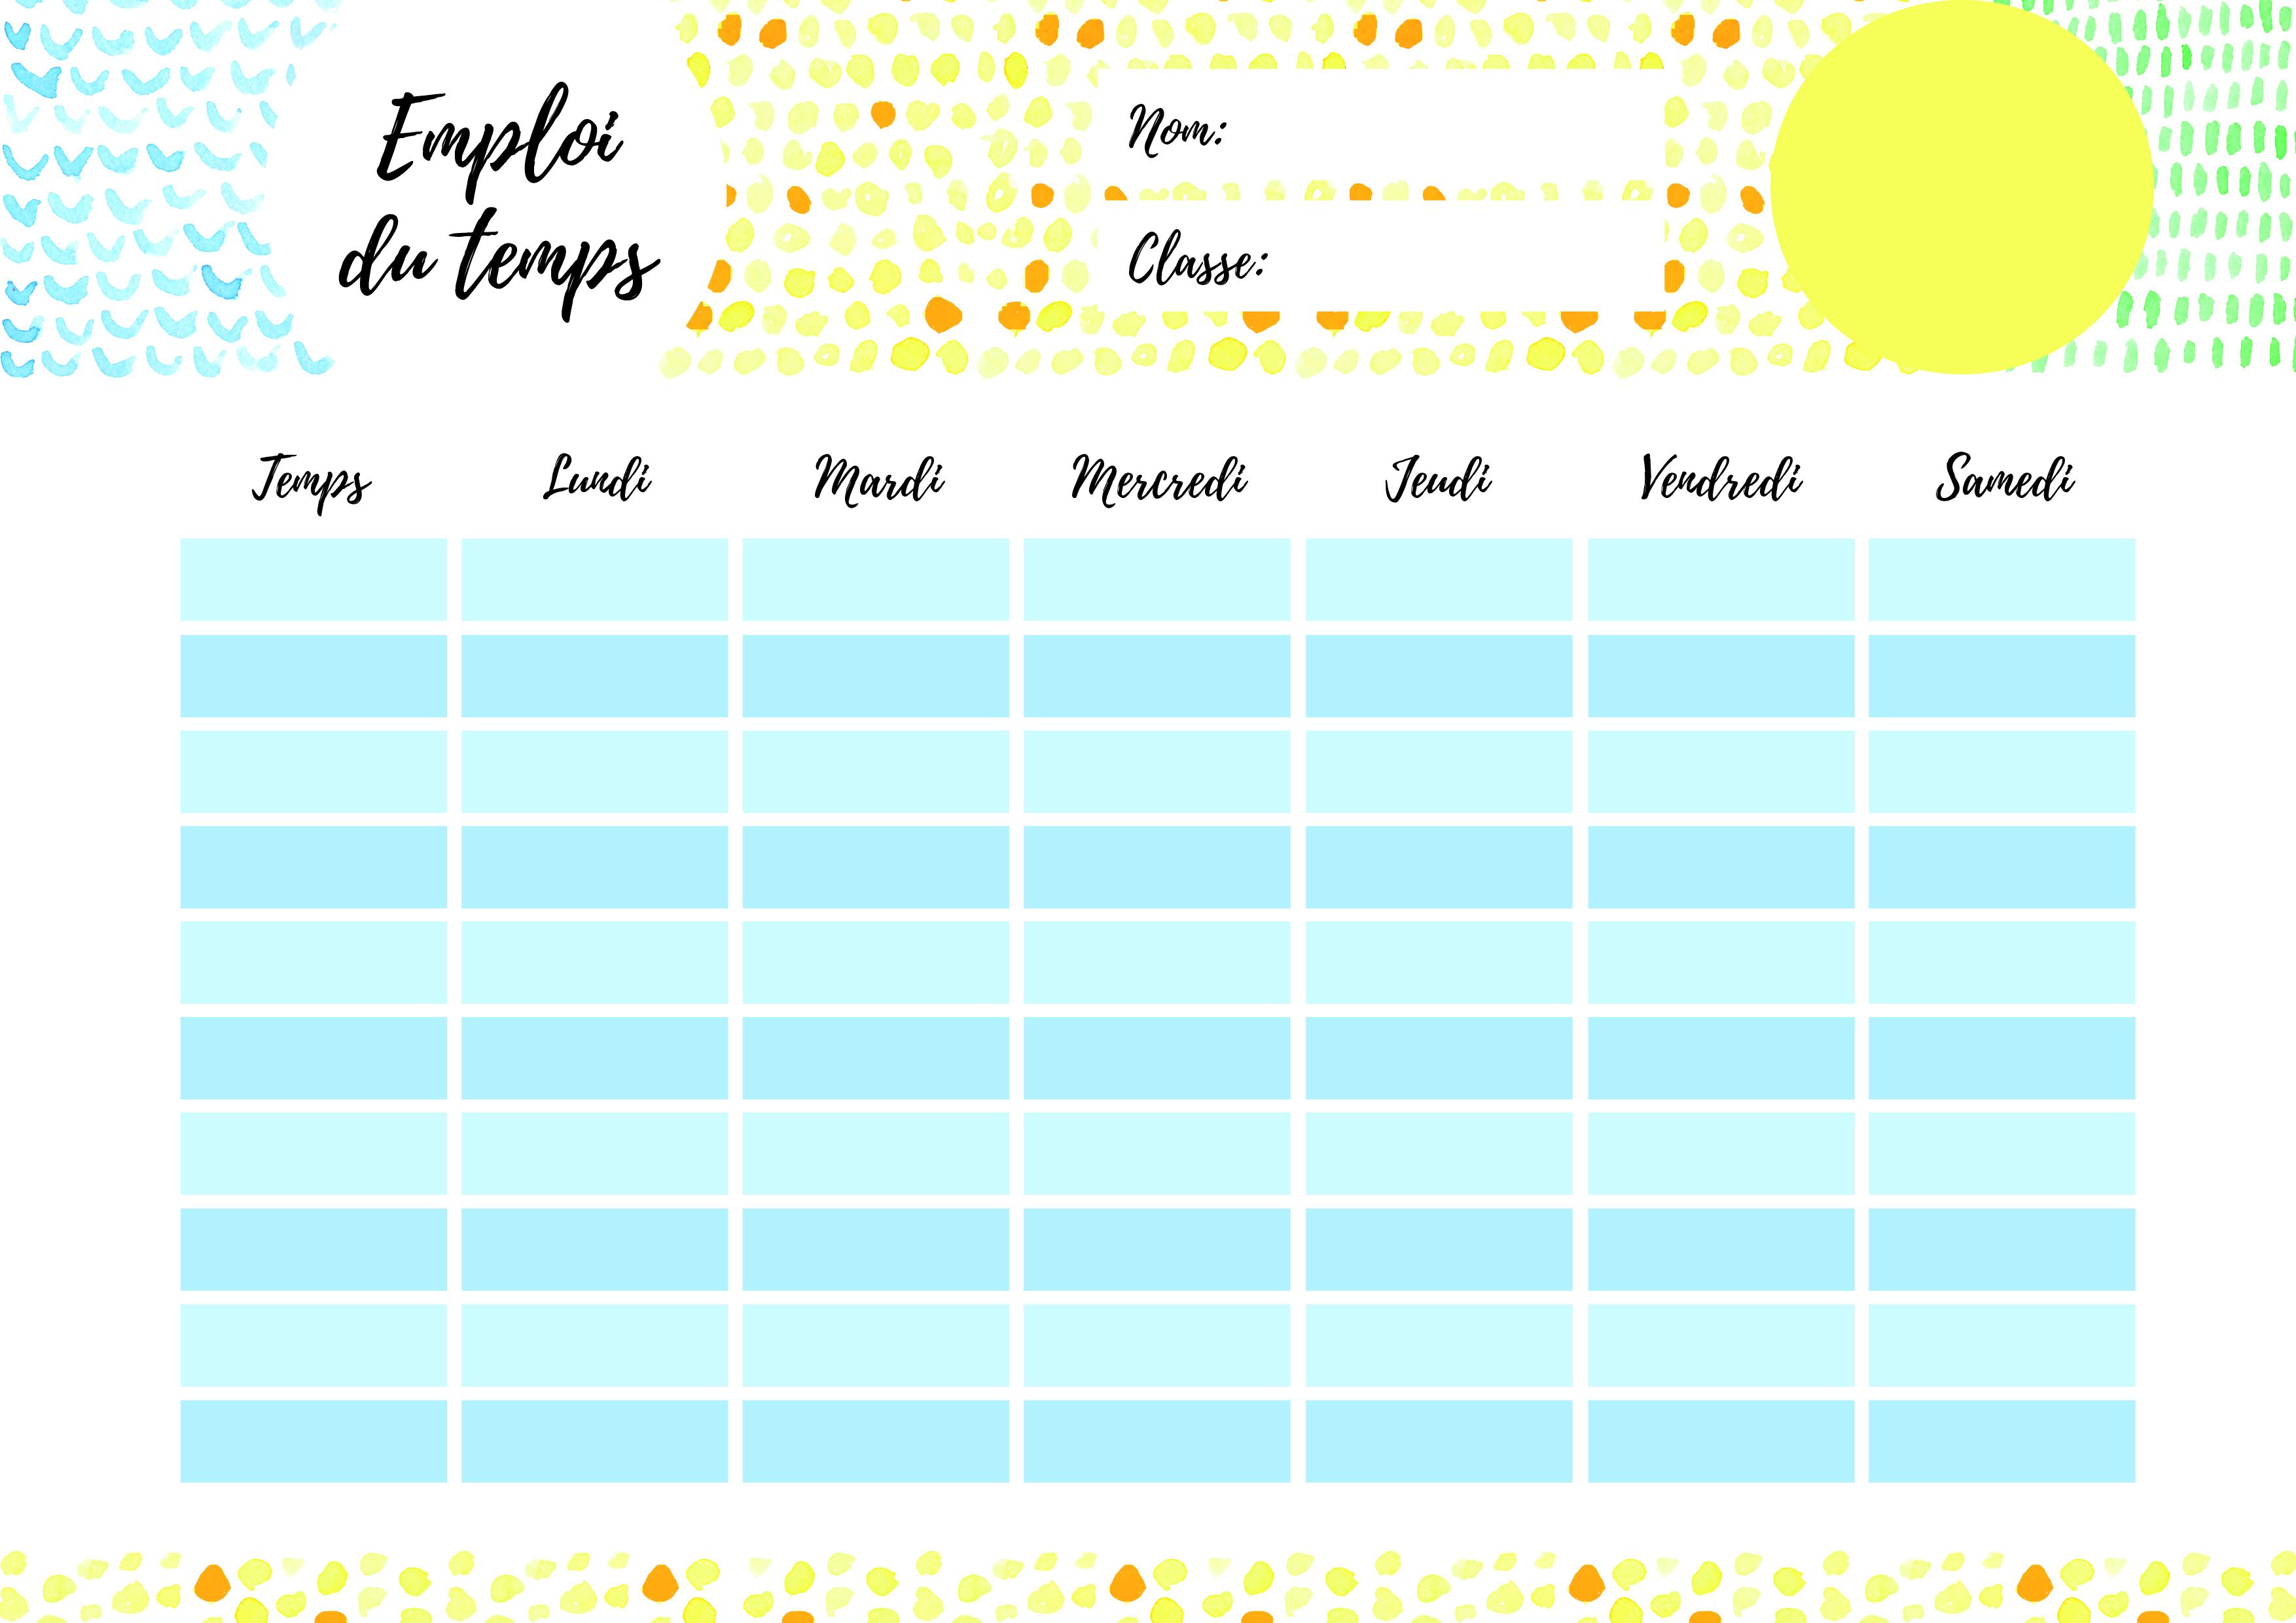 Emploi Du Temps À Imprimer - @Myposter concernant Emploi Du Temps À Compléter